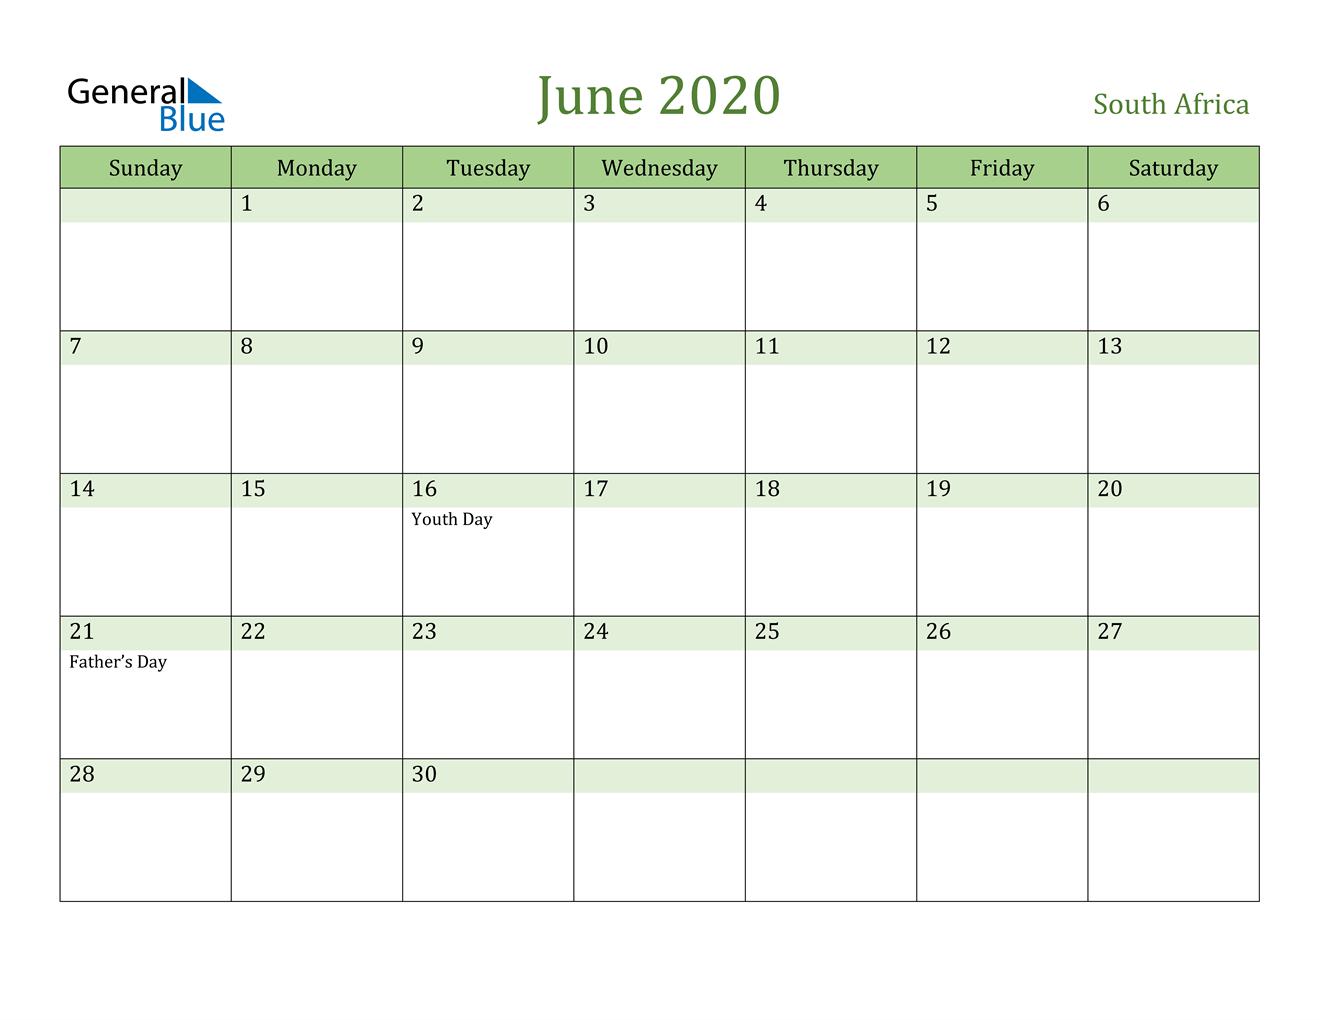 June 2020 Calendar - South Africa